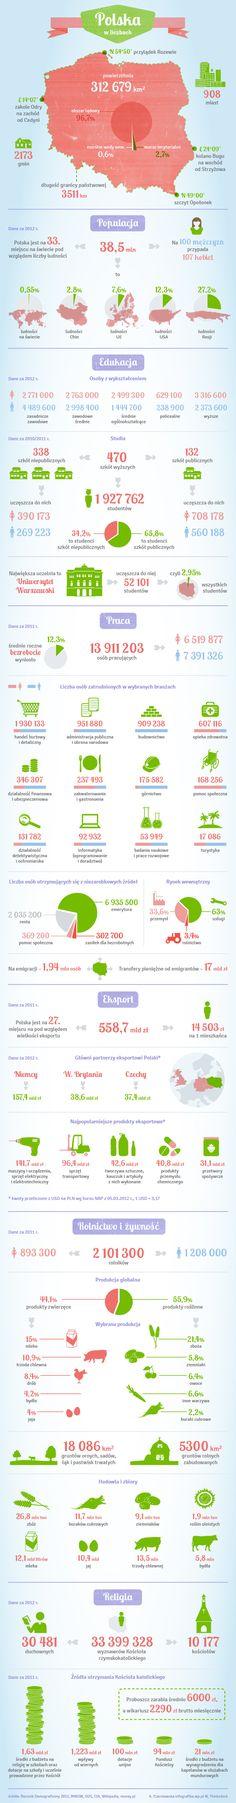 Polska w liczbach - Infografika - WP.Pl Poland in numbers